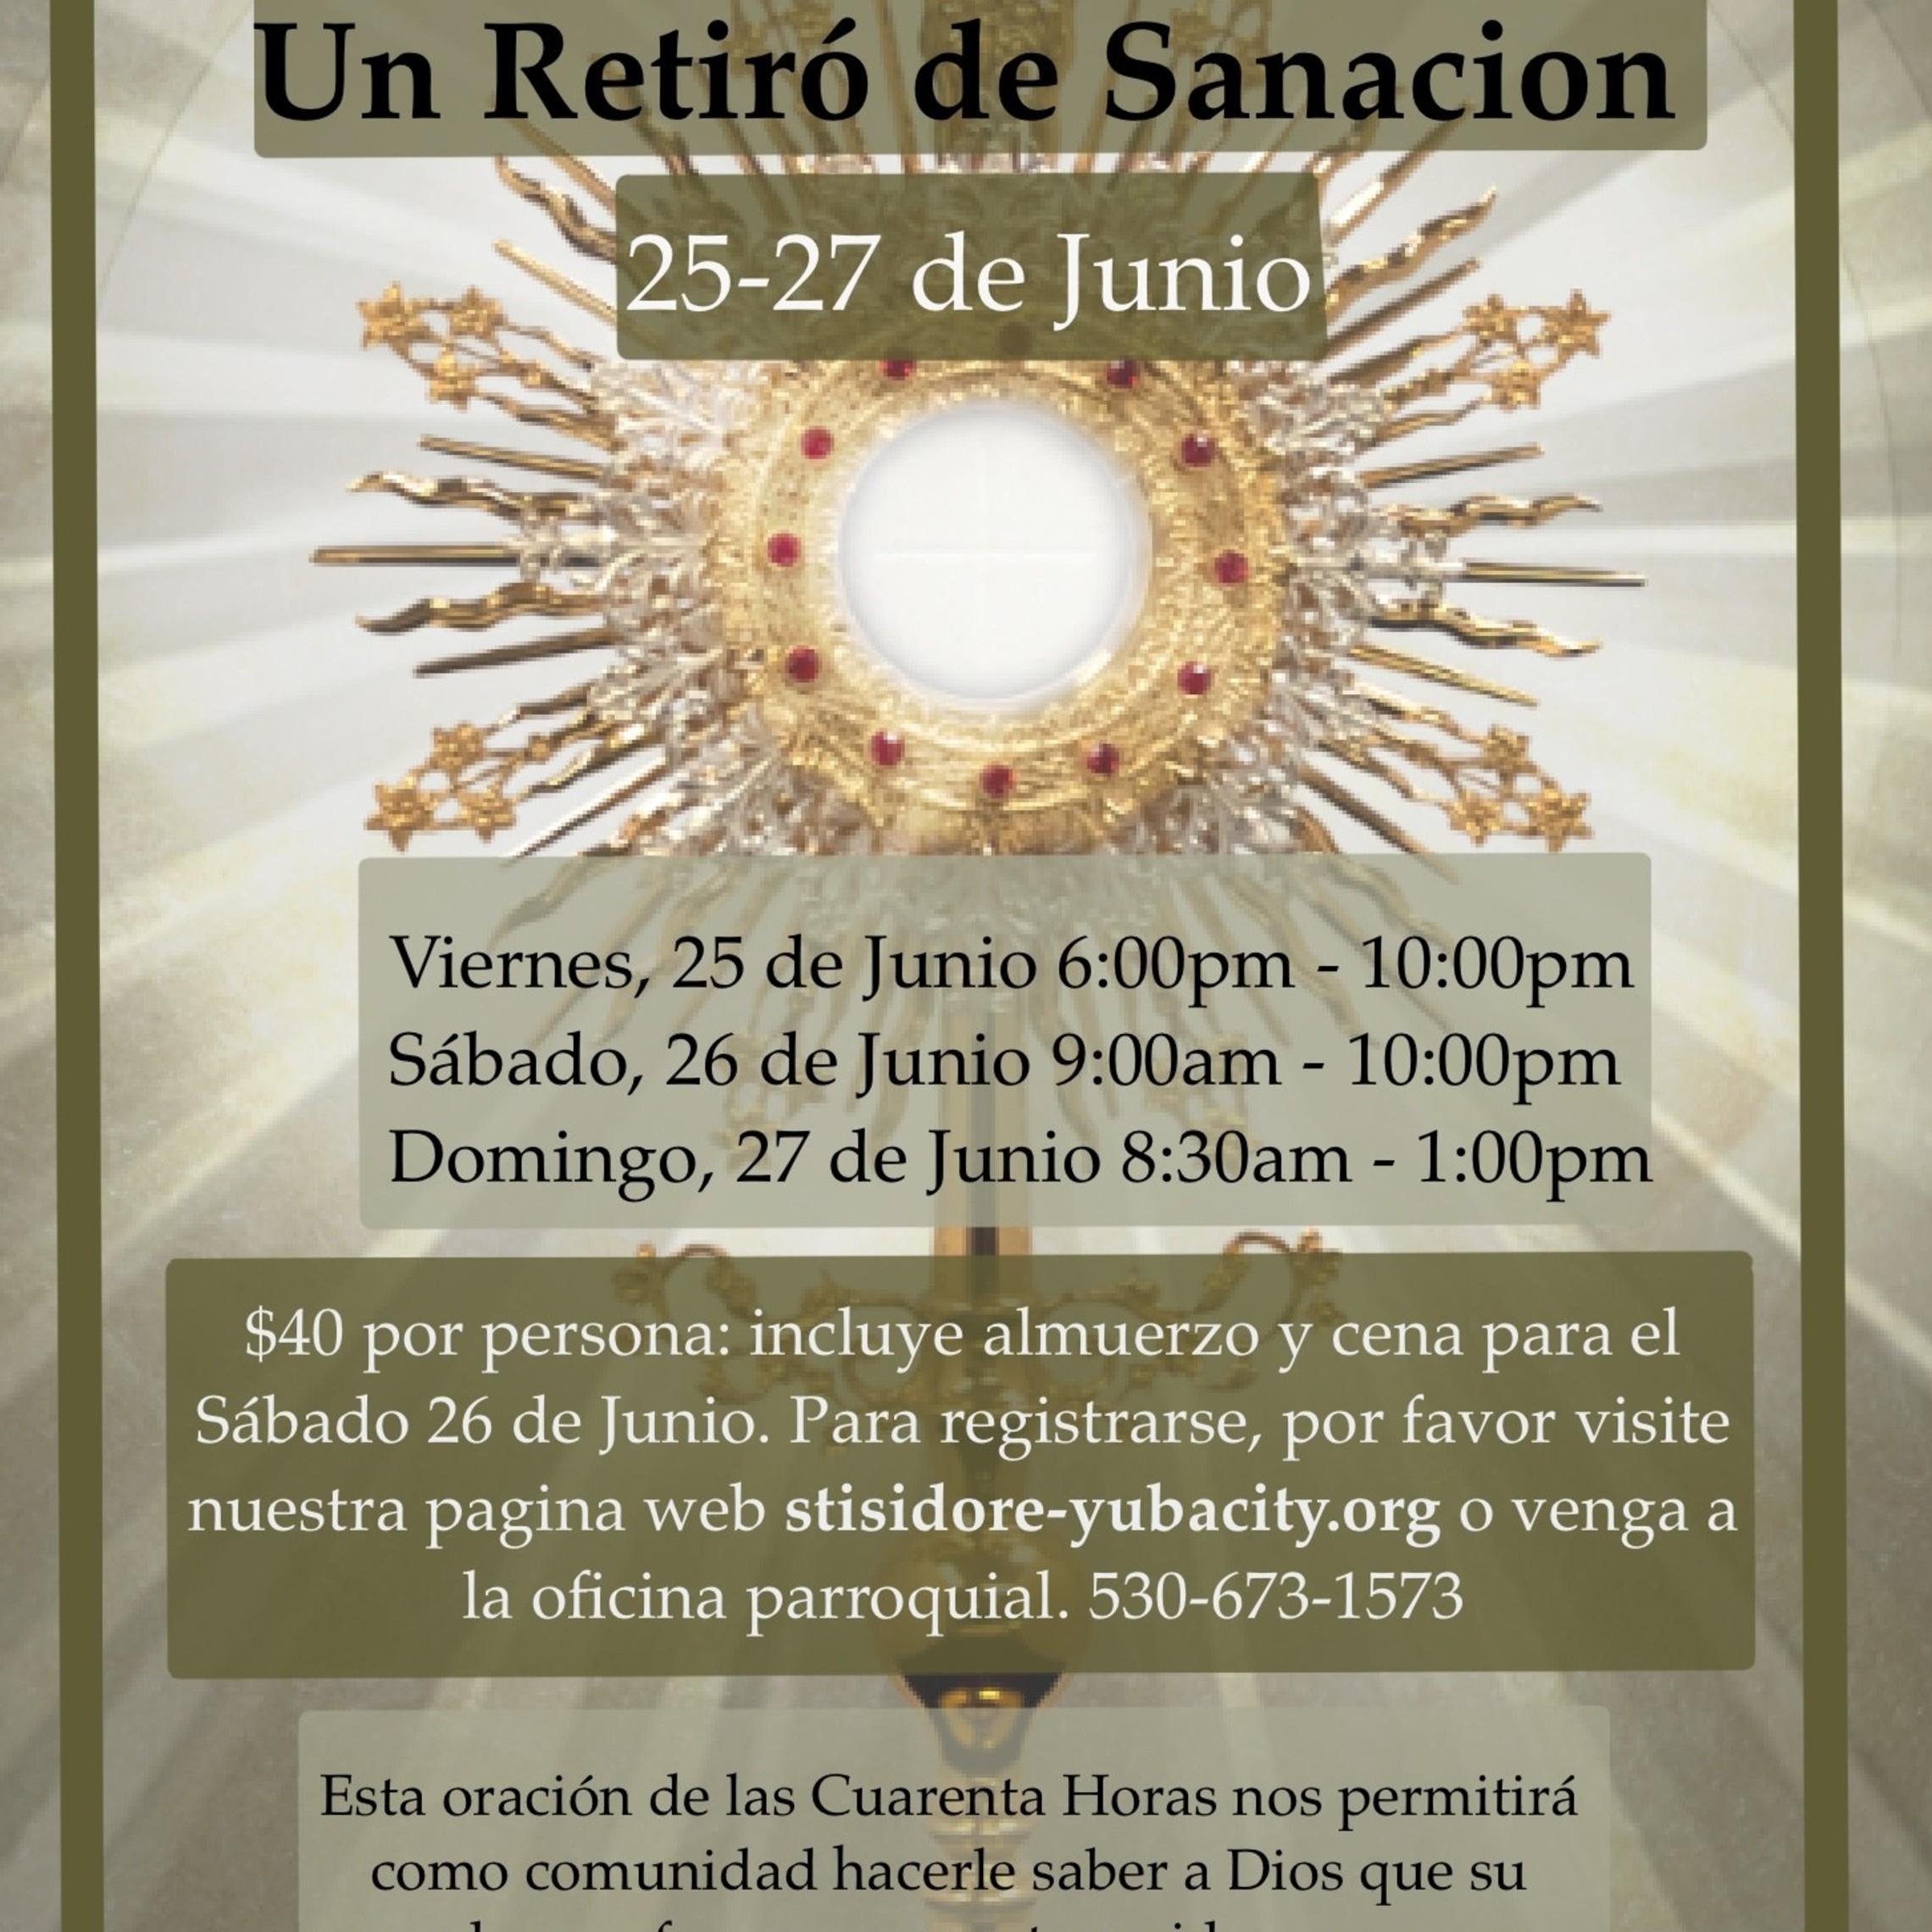 Spanish June Retreat